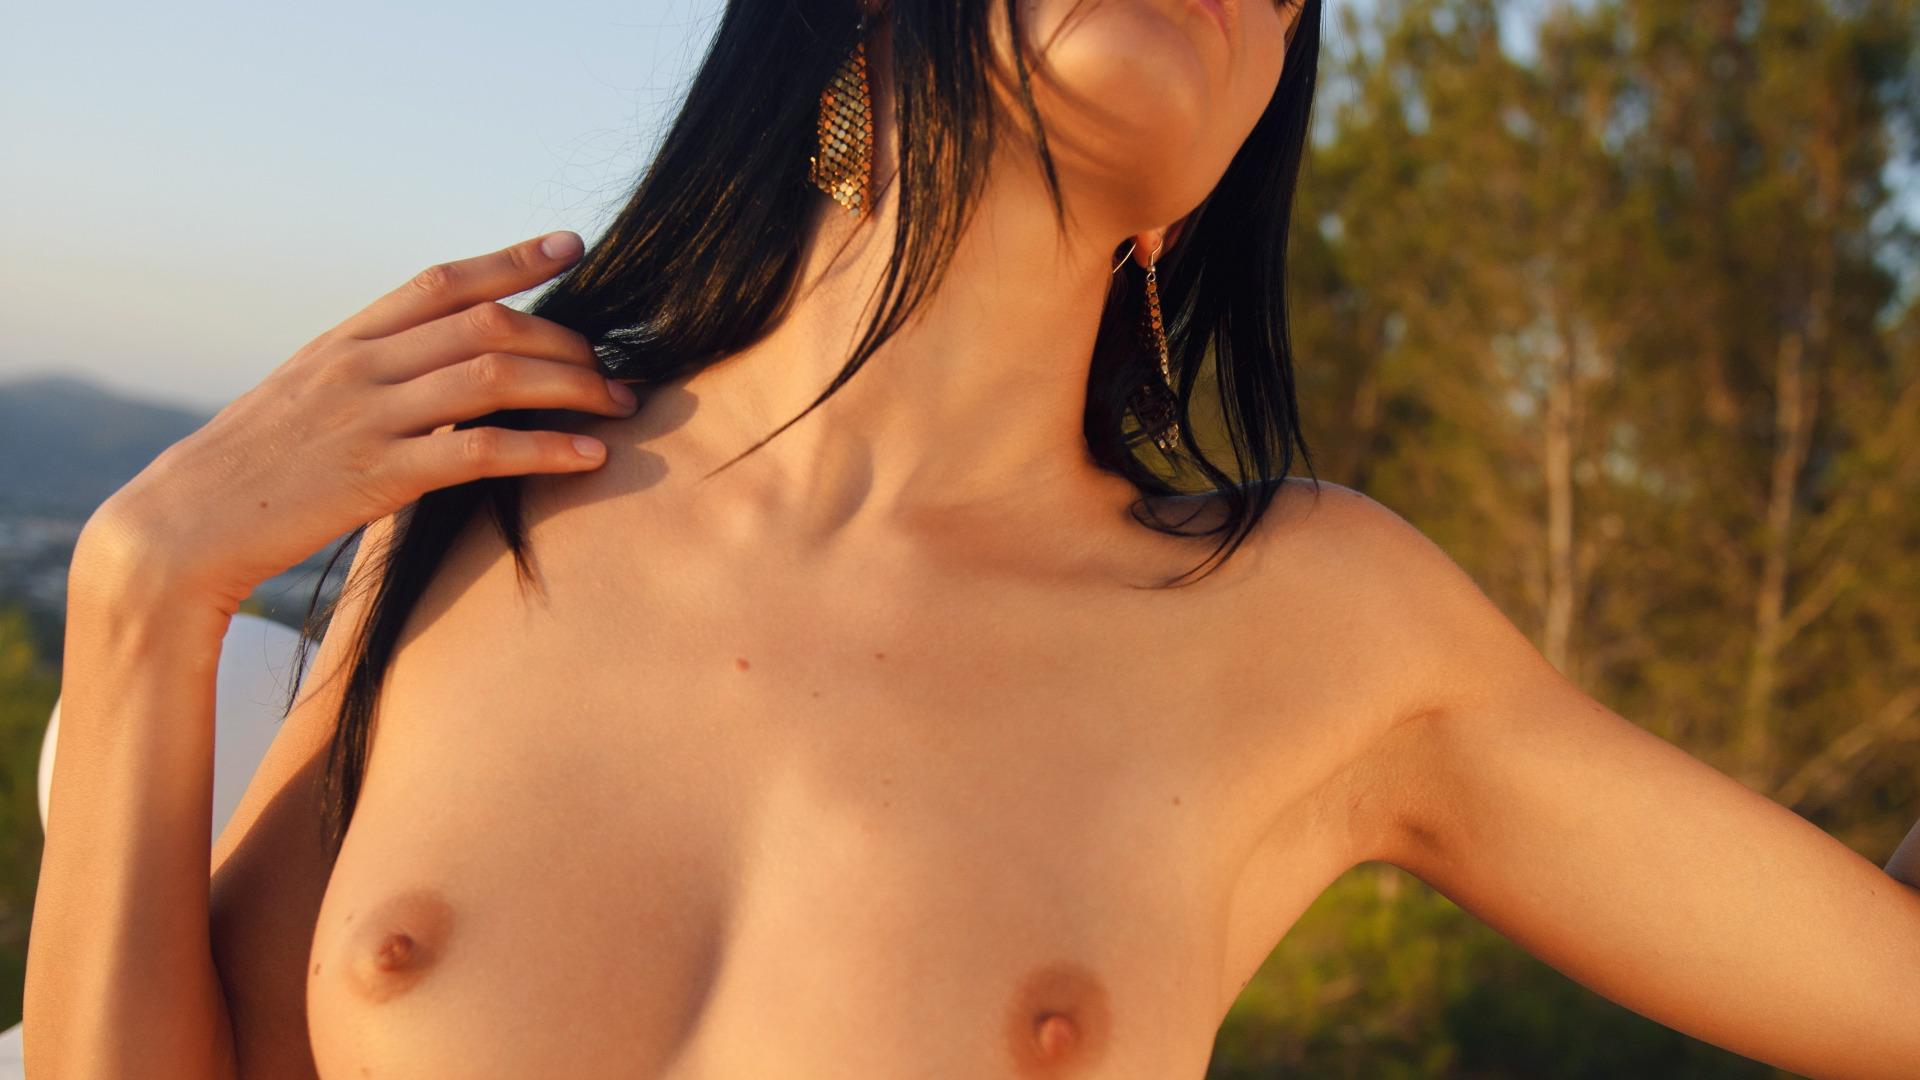 vse-golie-fotki-natashi-korolevi